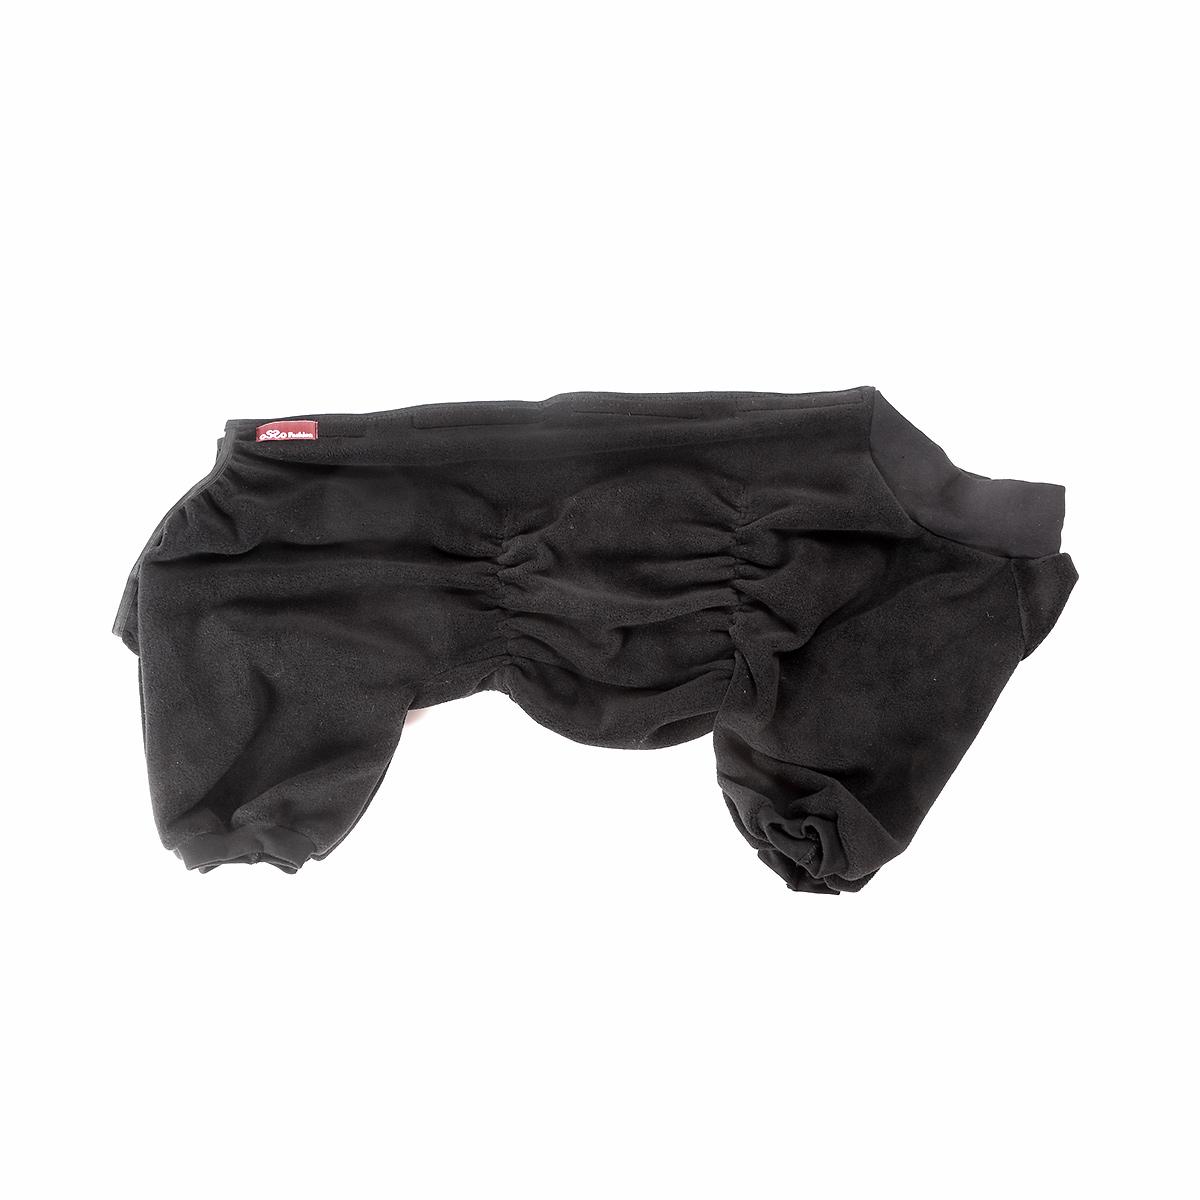 Комбинезон для собак OSSO Fashion, для мальчика, цвет: графит. Размер 650120710Комбинезон для собак OSSO Fashion выполнен из флиса. Комфортная посадка по корпусу достигается за счет резинок-утяжек под грудью и животом. На воротнике имеются завязки, для дополнительной фиксации. Можно носить самостоятельно и как поддевку под комбинезон для собак. Изделие отлично стирается, быстро сохнет.Длина спинки: 65 см.Объем груди: 74-102 см.